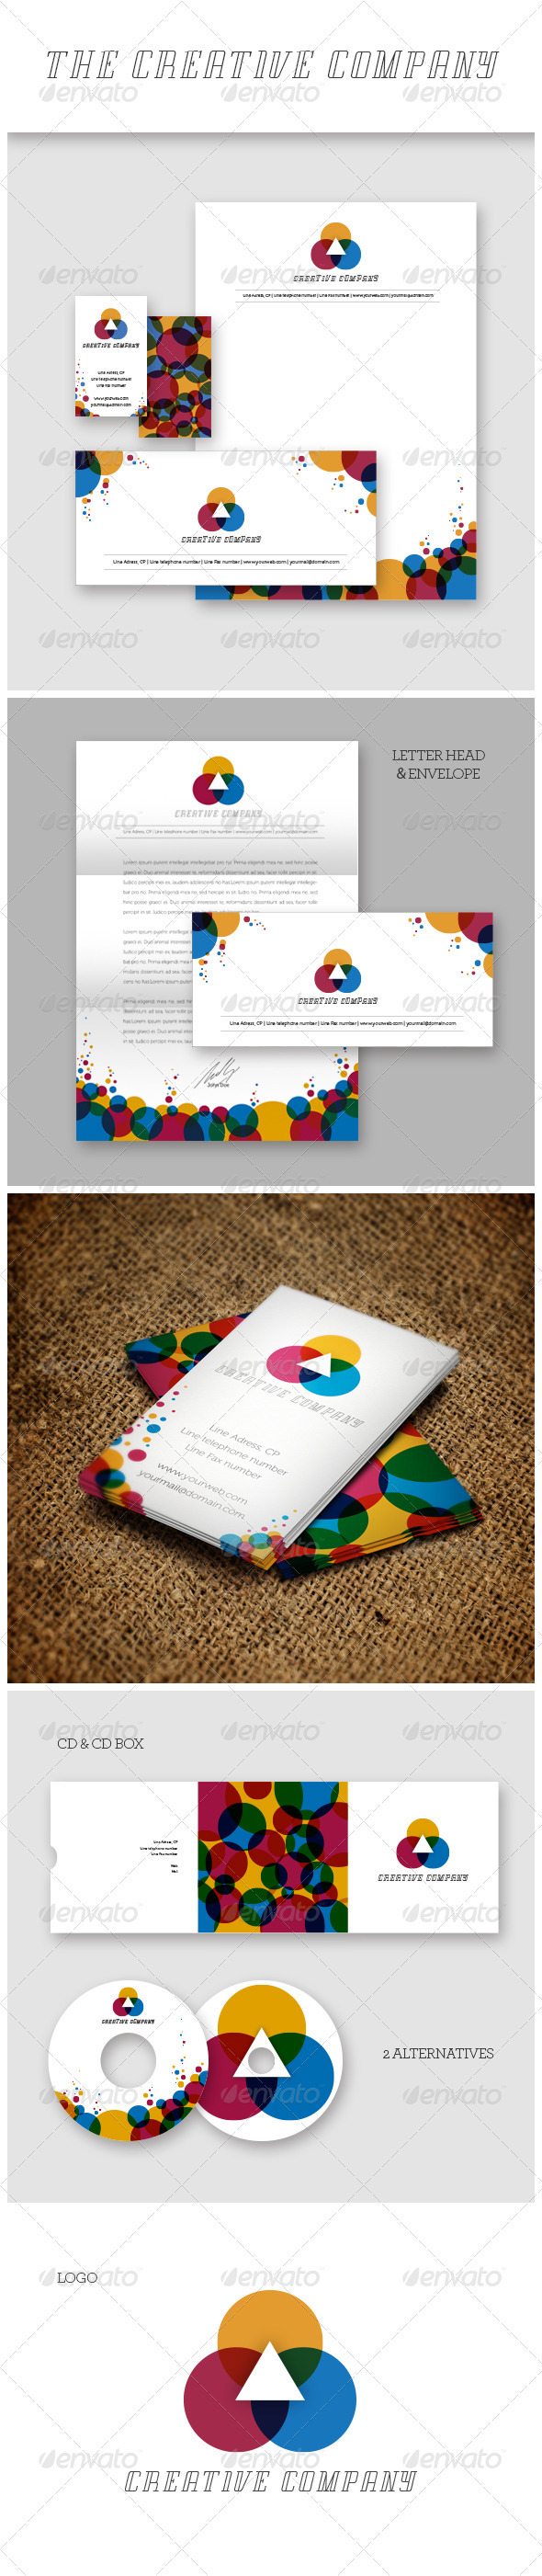 Creative Company Identity - Stationery Print Templates